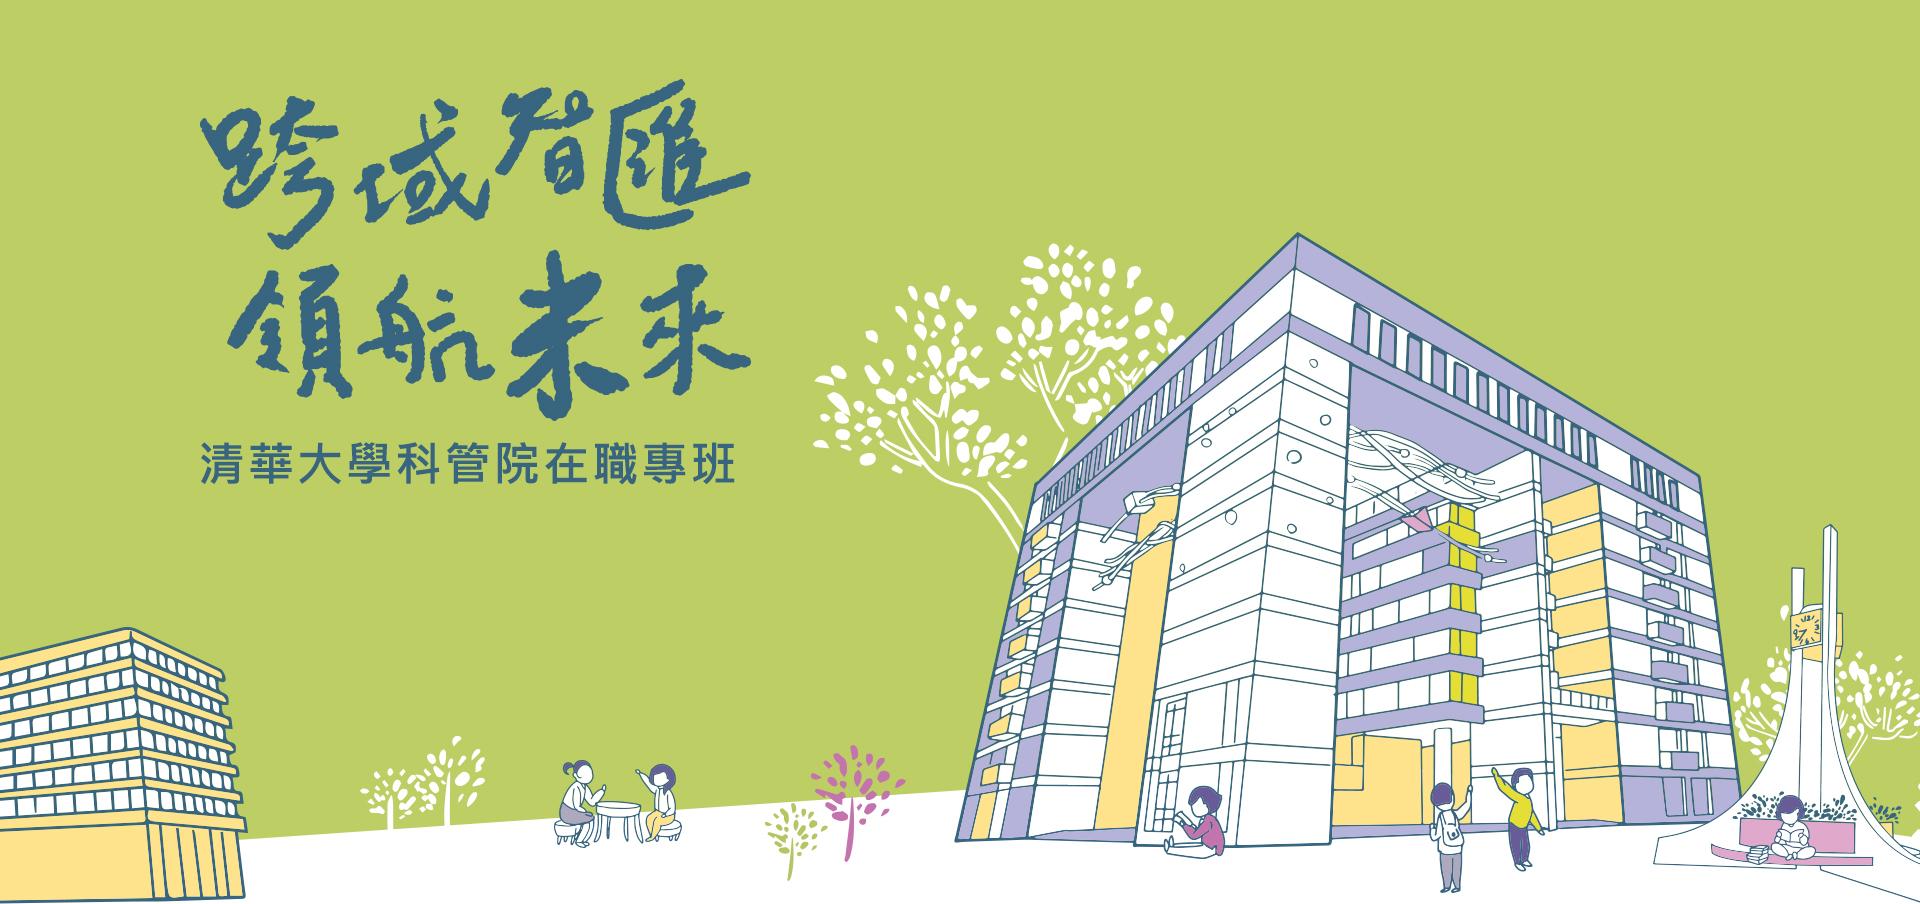 清華大學背景